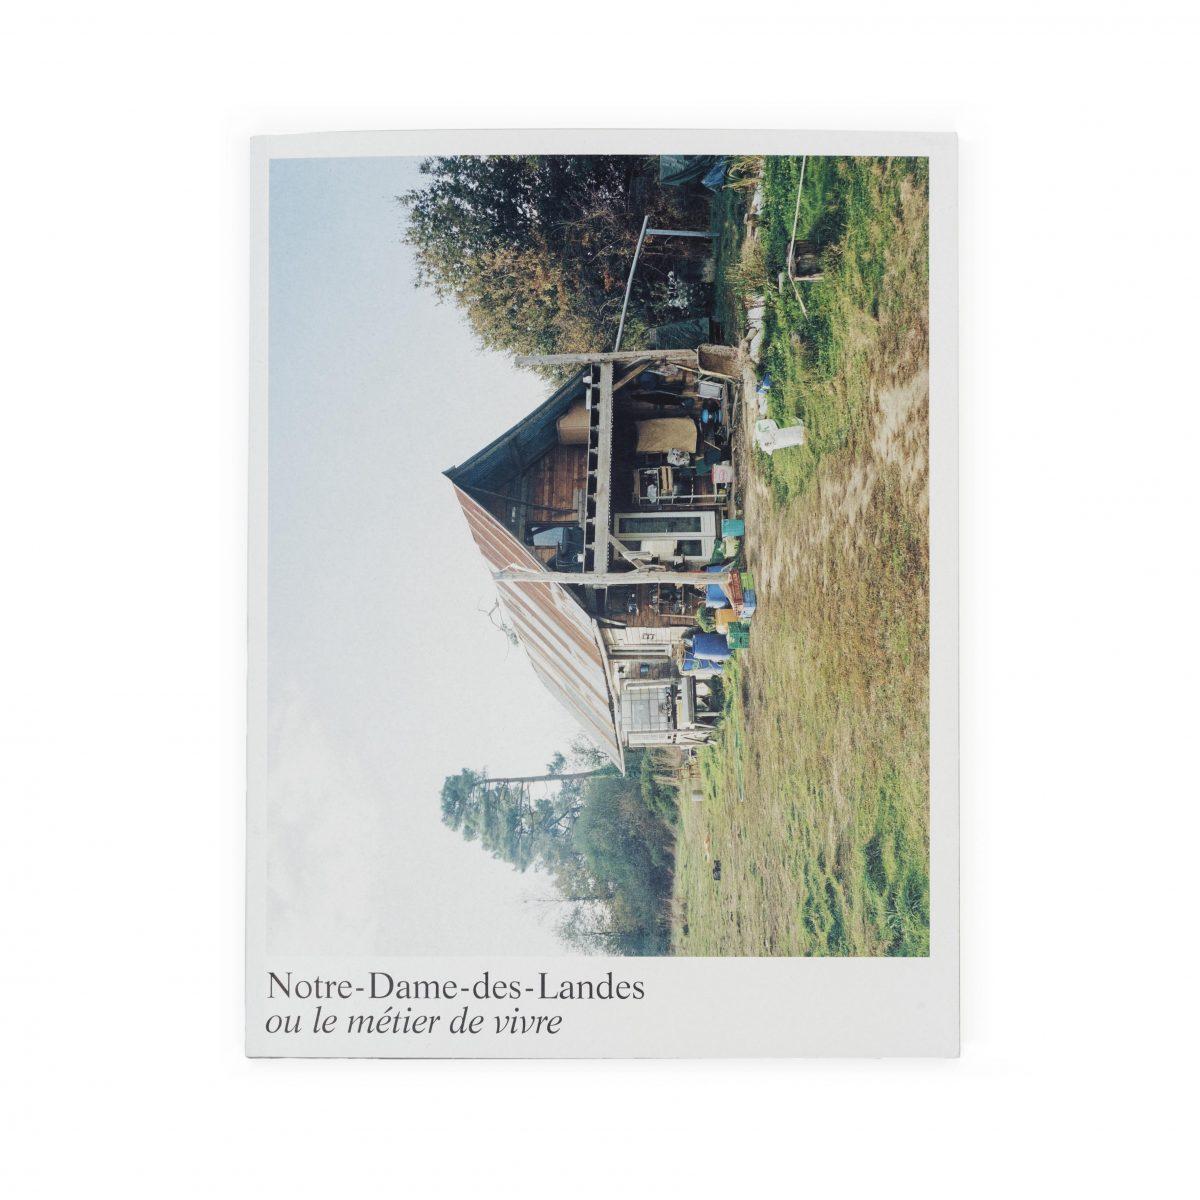 Notre-Dame-des-Landes ou le métier de vivre, Editions Loco, 2018